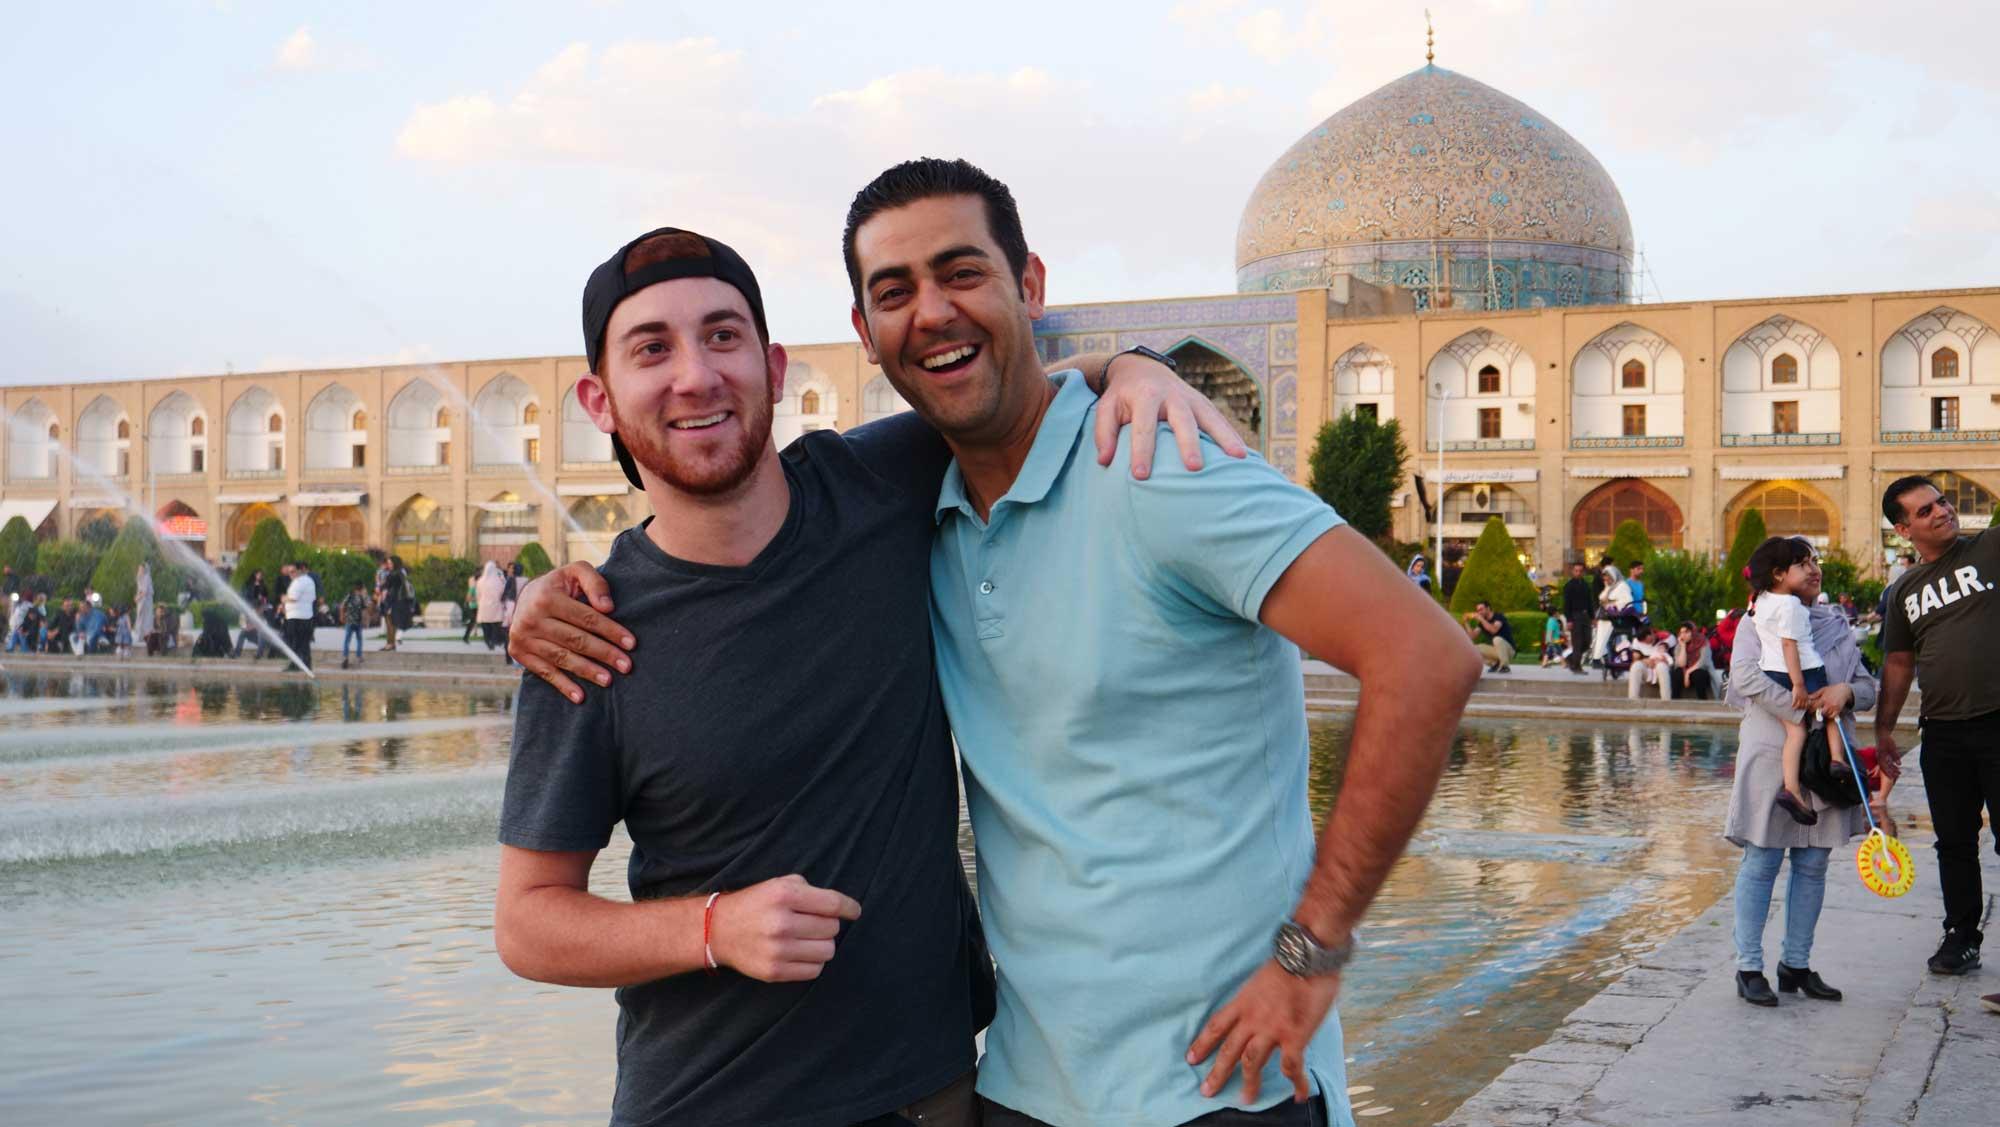 ناگفتههای جالب یک یهودی آمریکایی از سفرش به ایران/ این کشور و مردمش کاملا متفاوت از تصور من بودند!